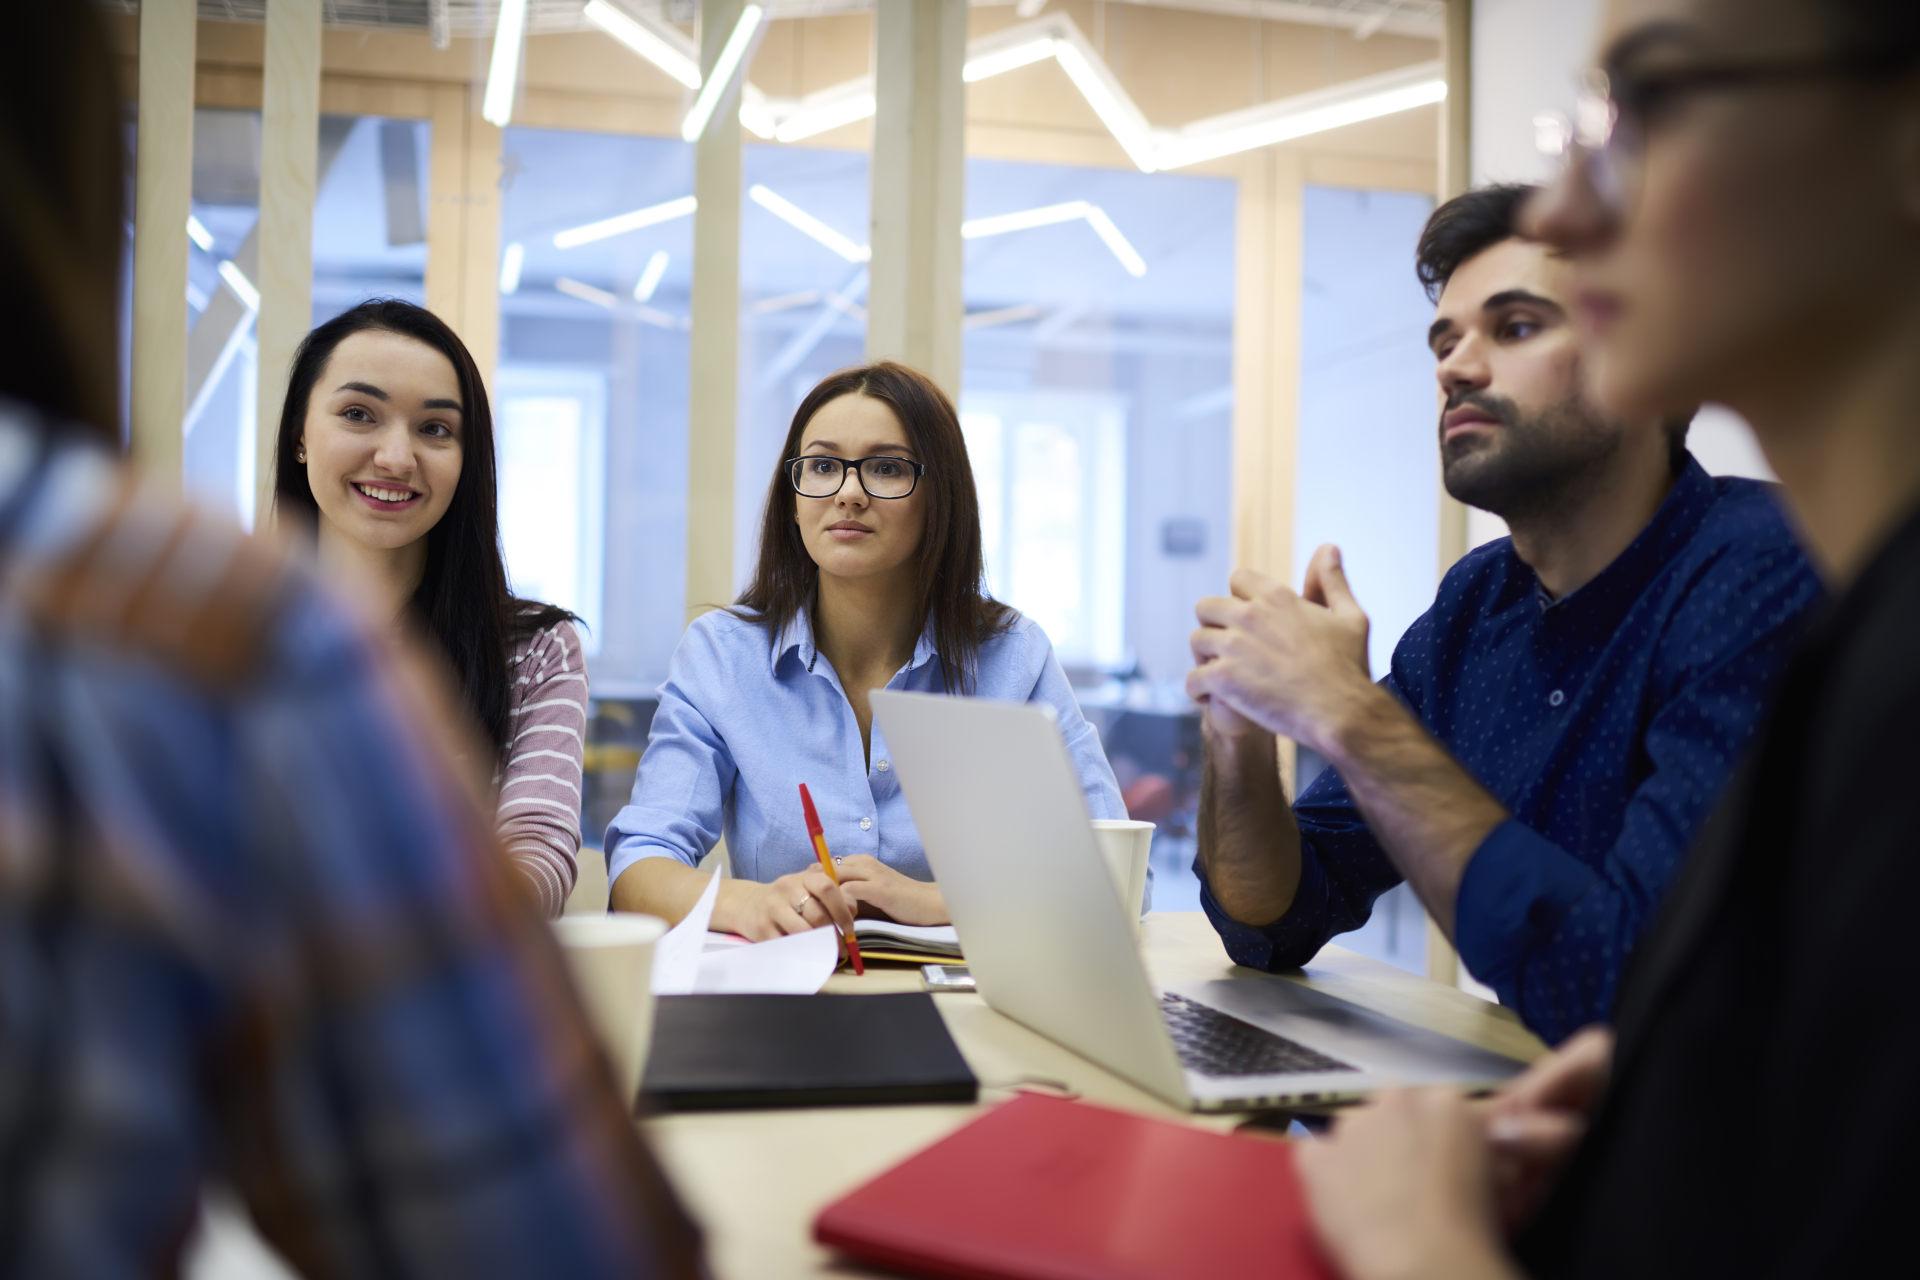 webinar gestores programas voluntairado corporativo voluntare juan angel poyatos voluntariado corporativo estrategico